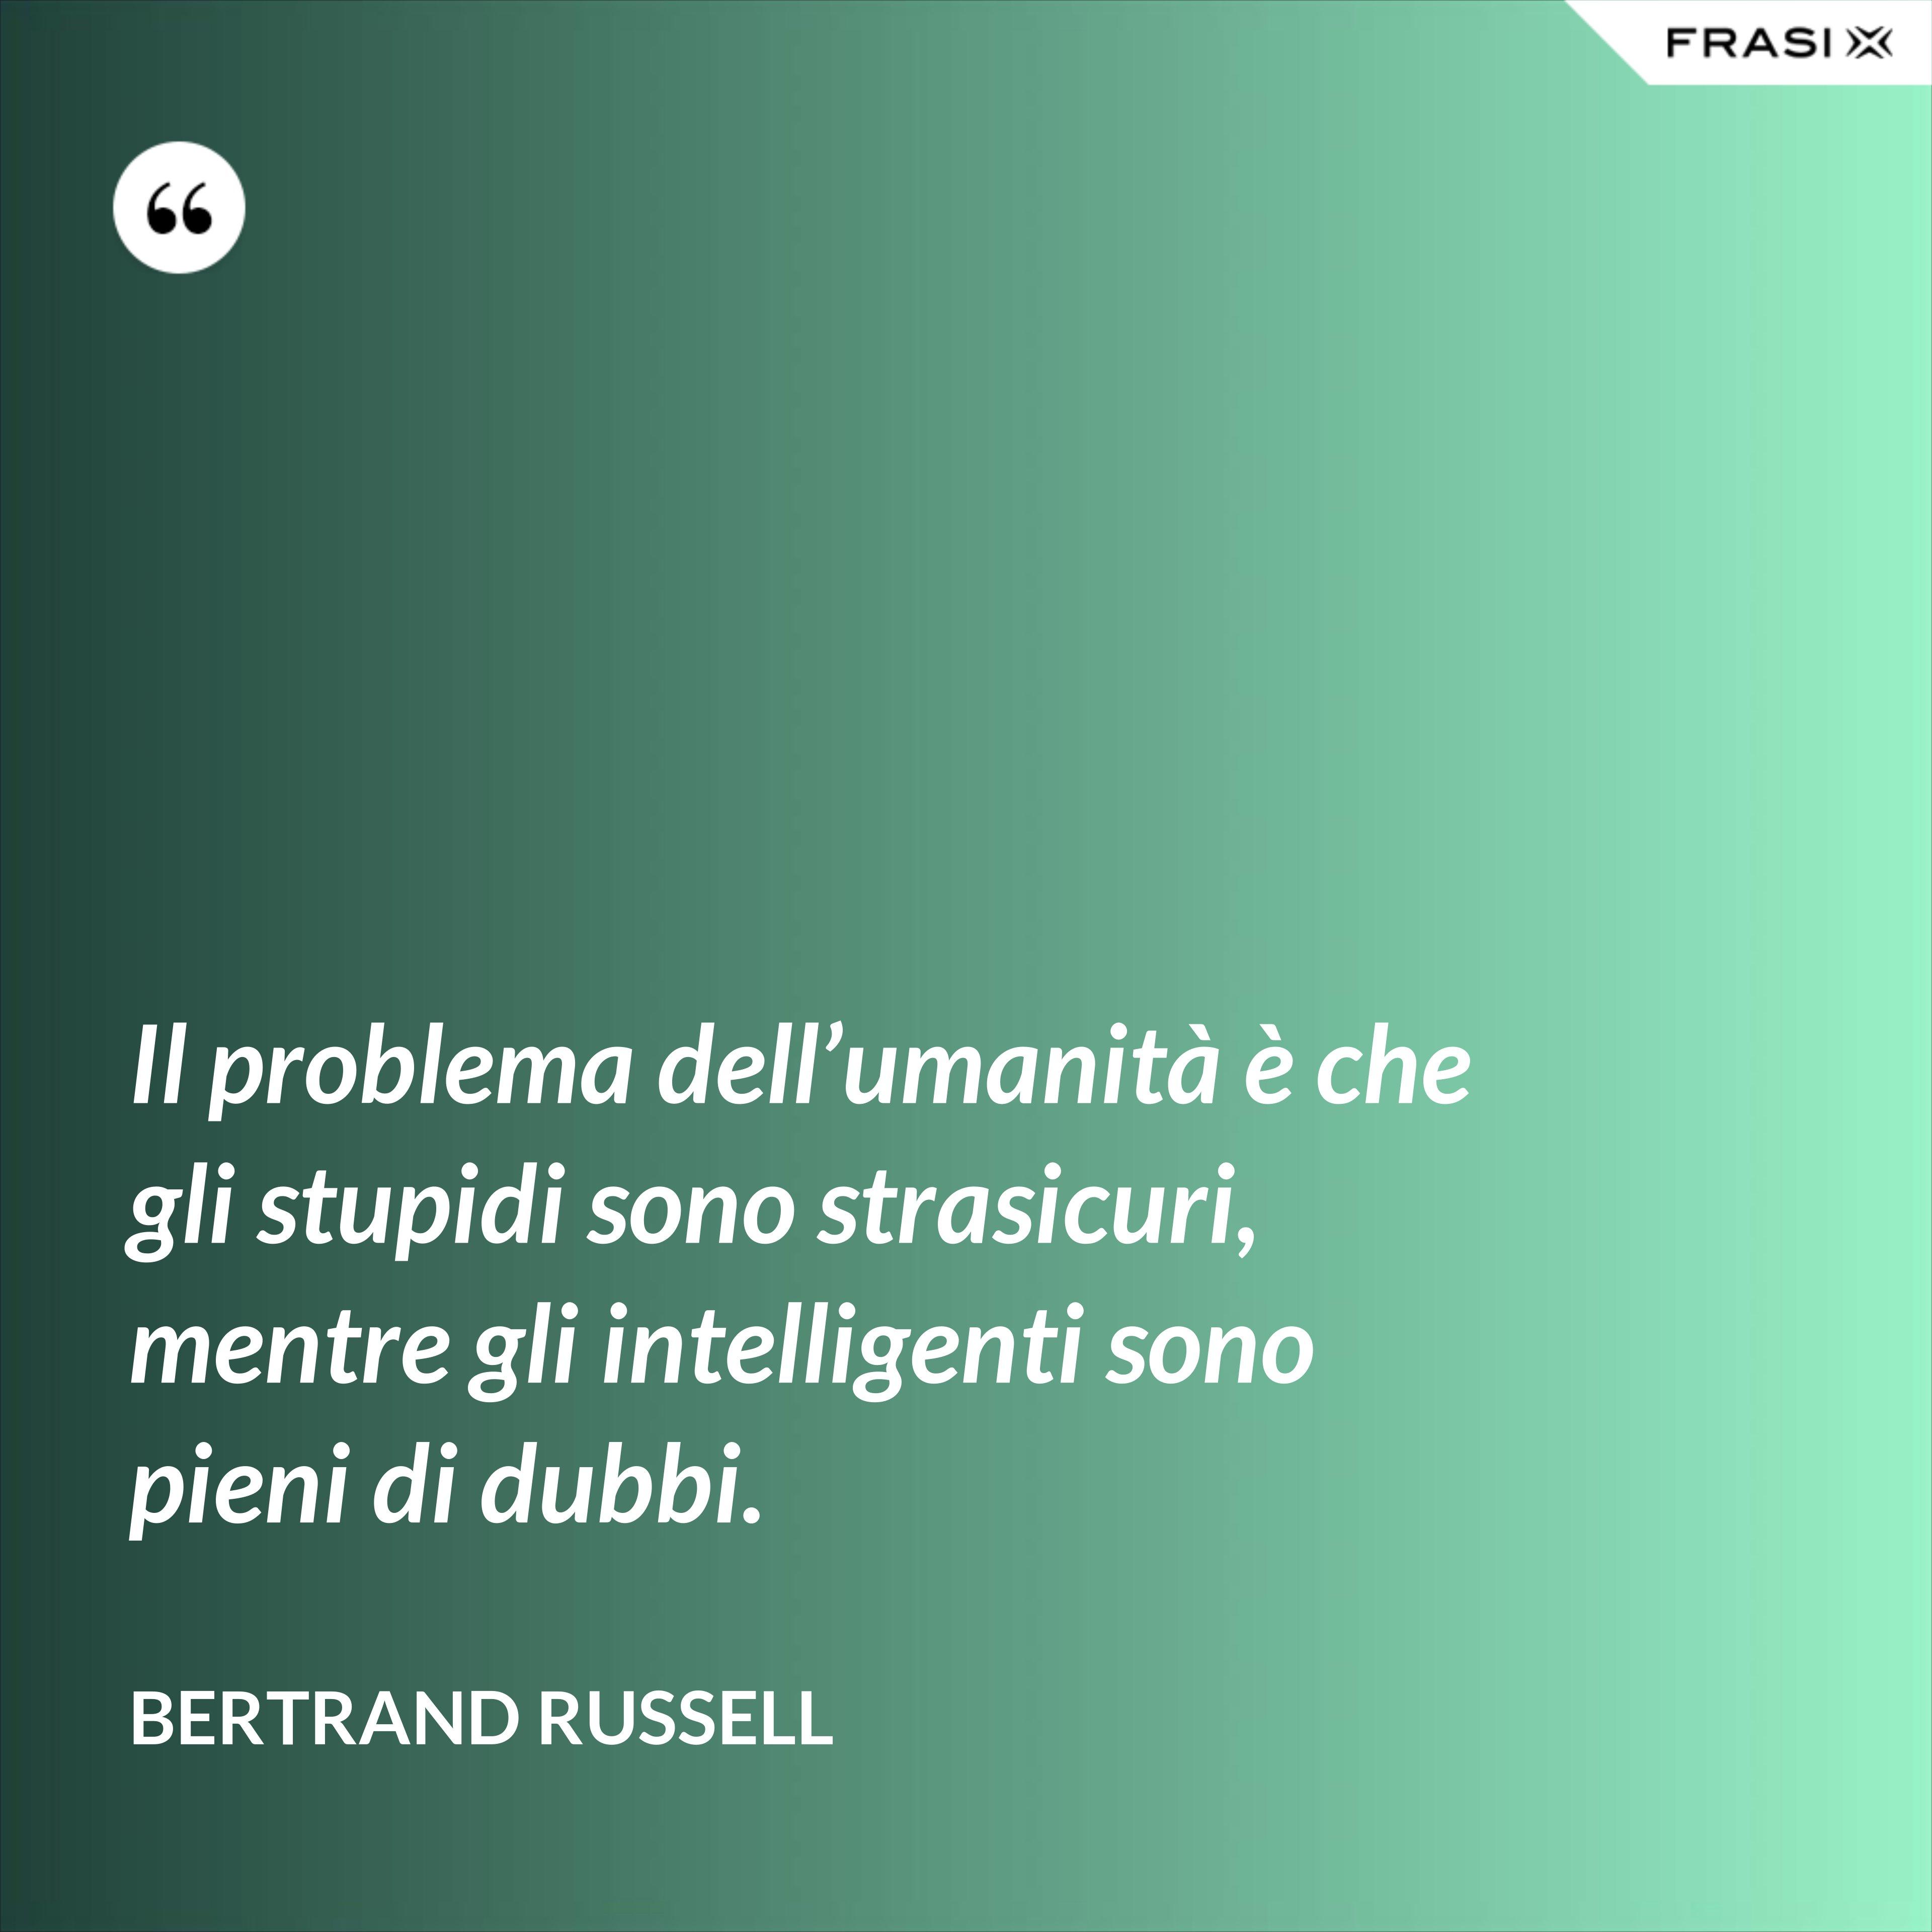 Il problema dell'umanità è che gli stupidi sono strasicuri, mentre gli intelligenti sono pieni di dubbi. - Bertrand Russell